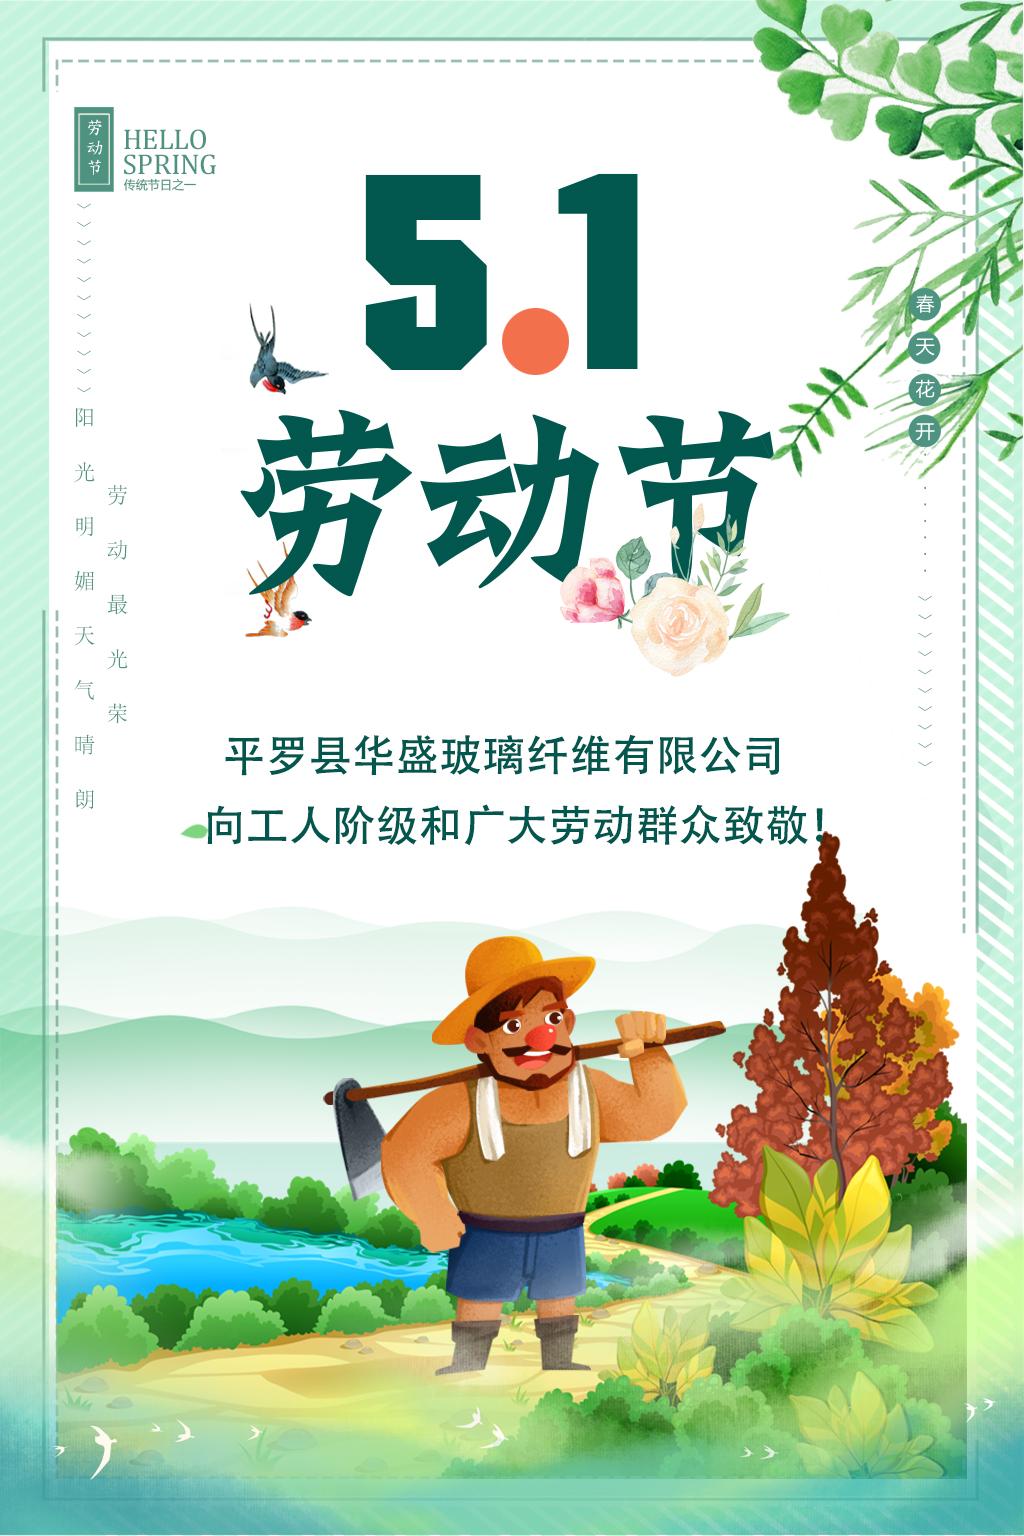 宁夏fun88.com生产厂家